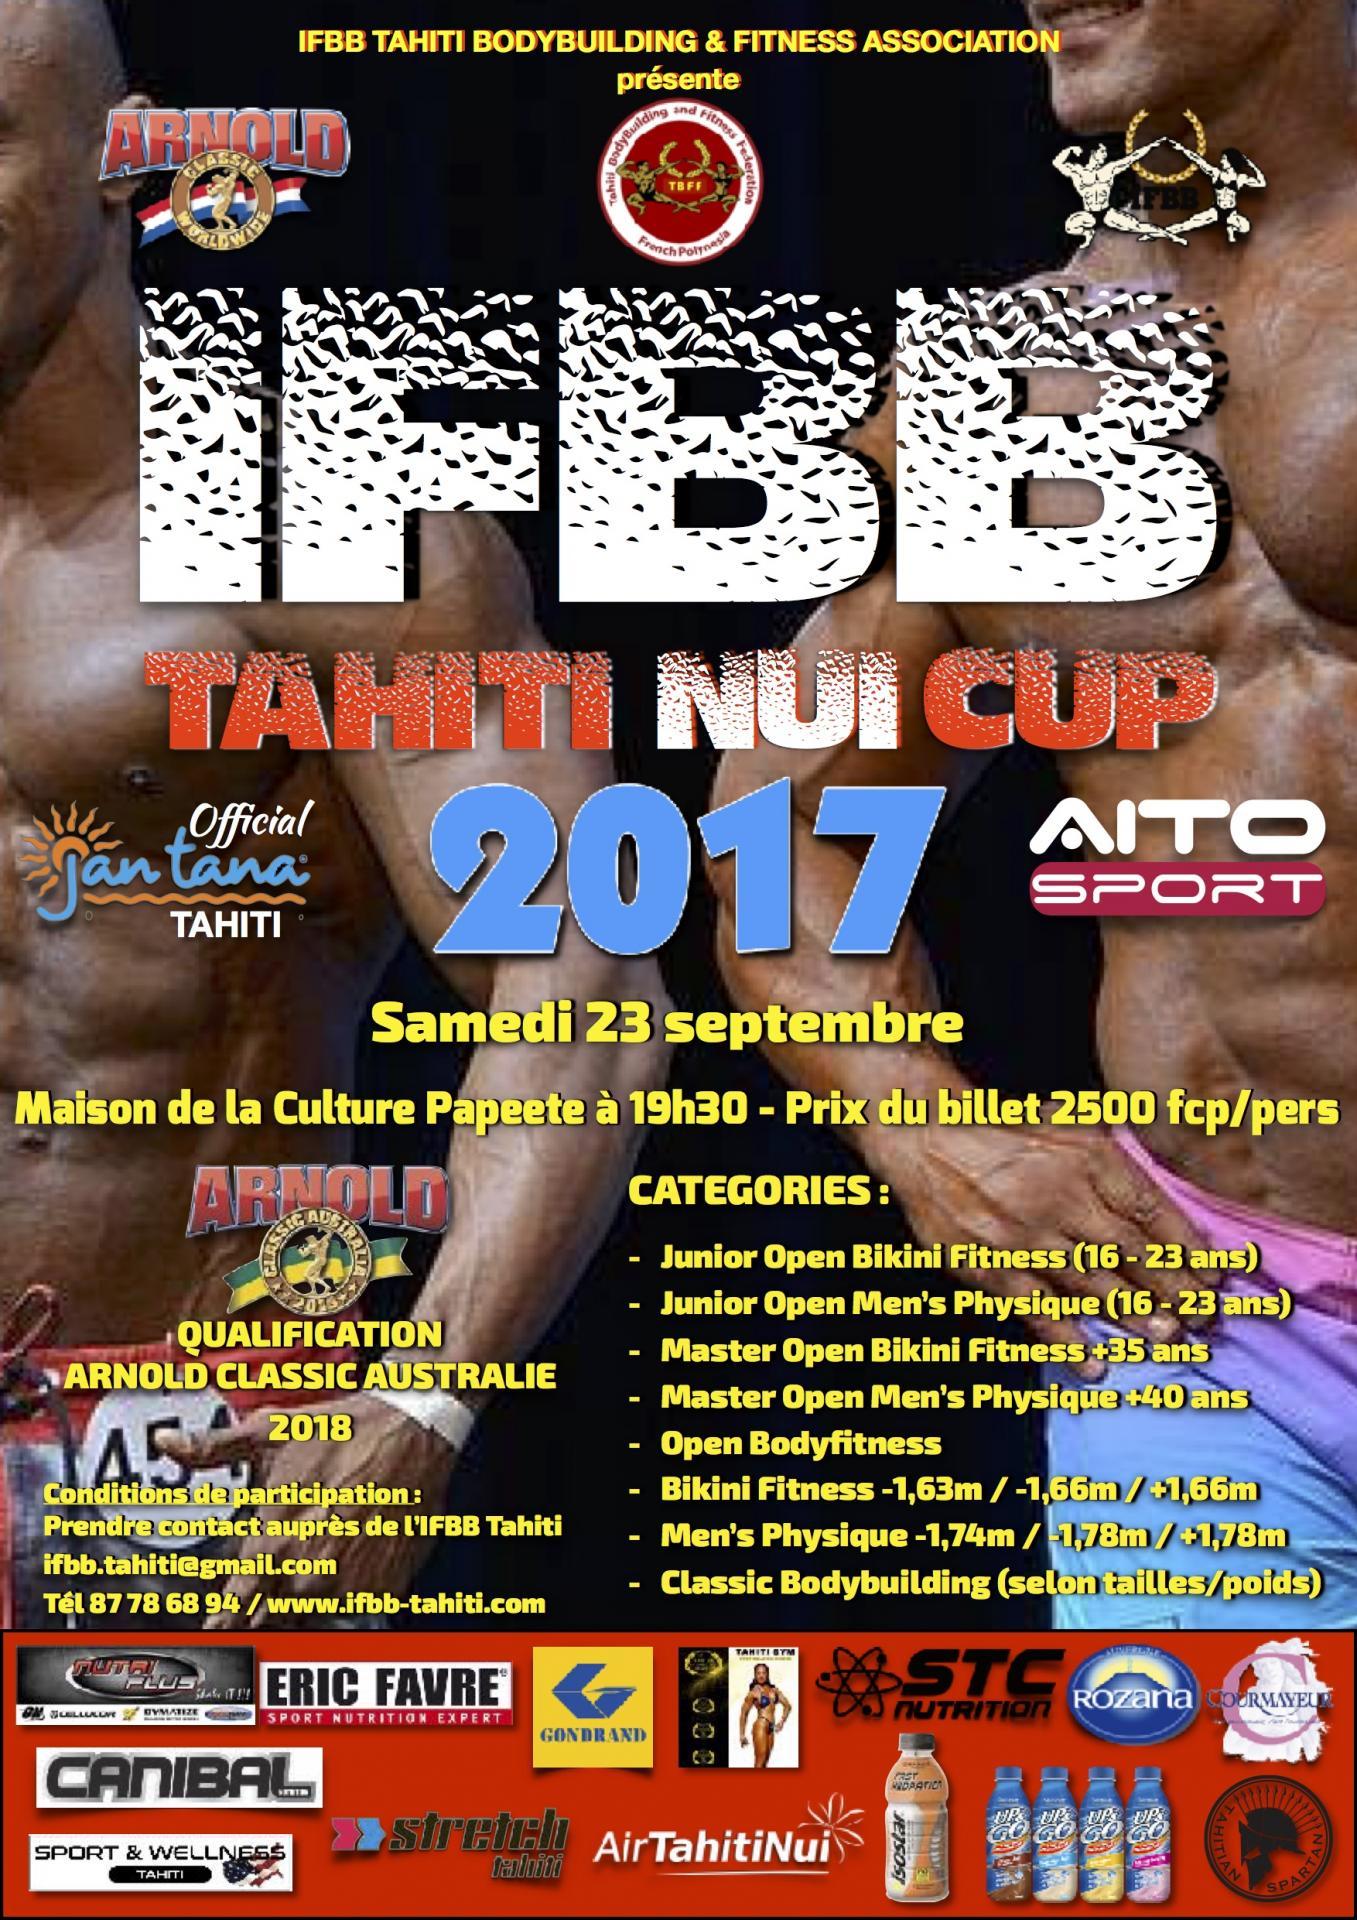 IFBB Tahiti nui cup